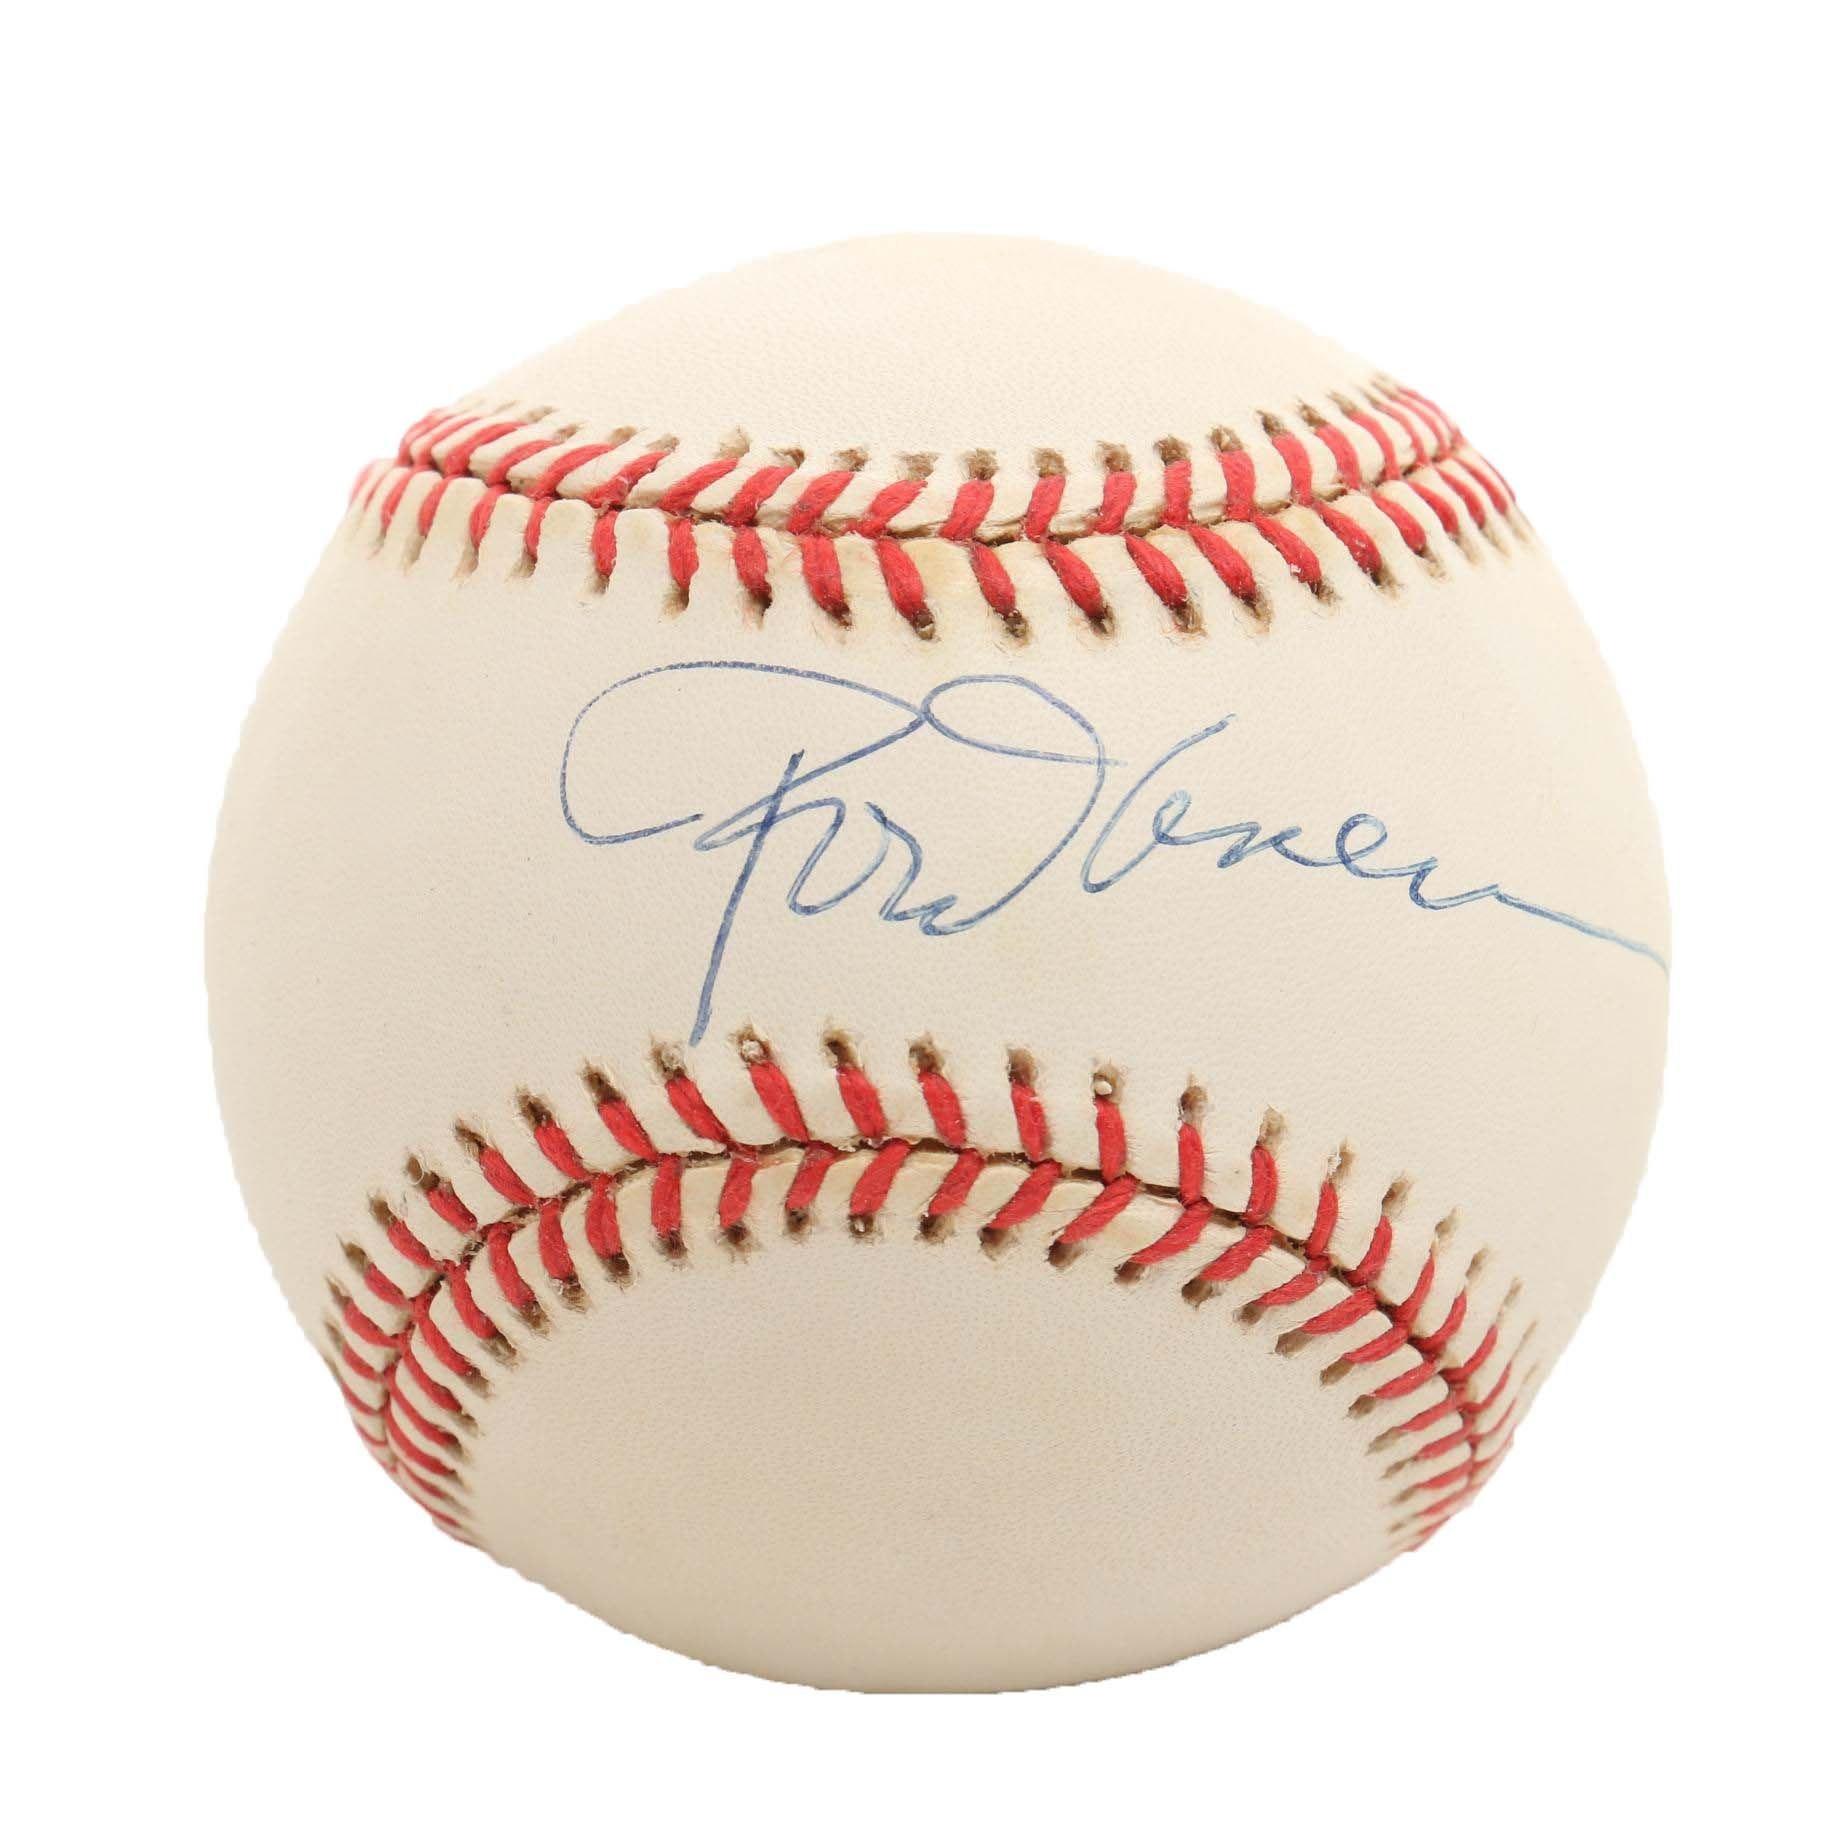 HOF Rod Carew Signed Rawlings American League Baseball PSA/DNA COA